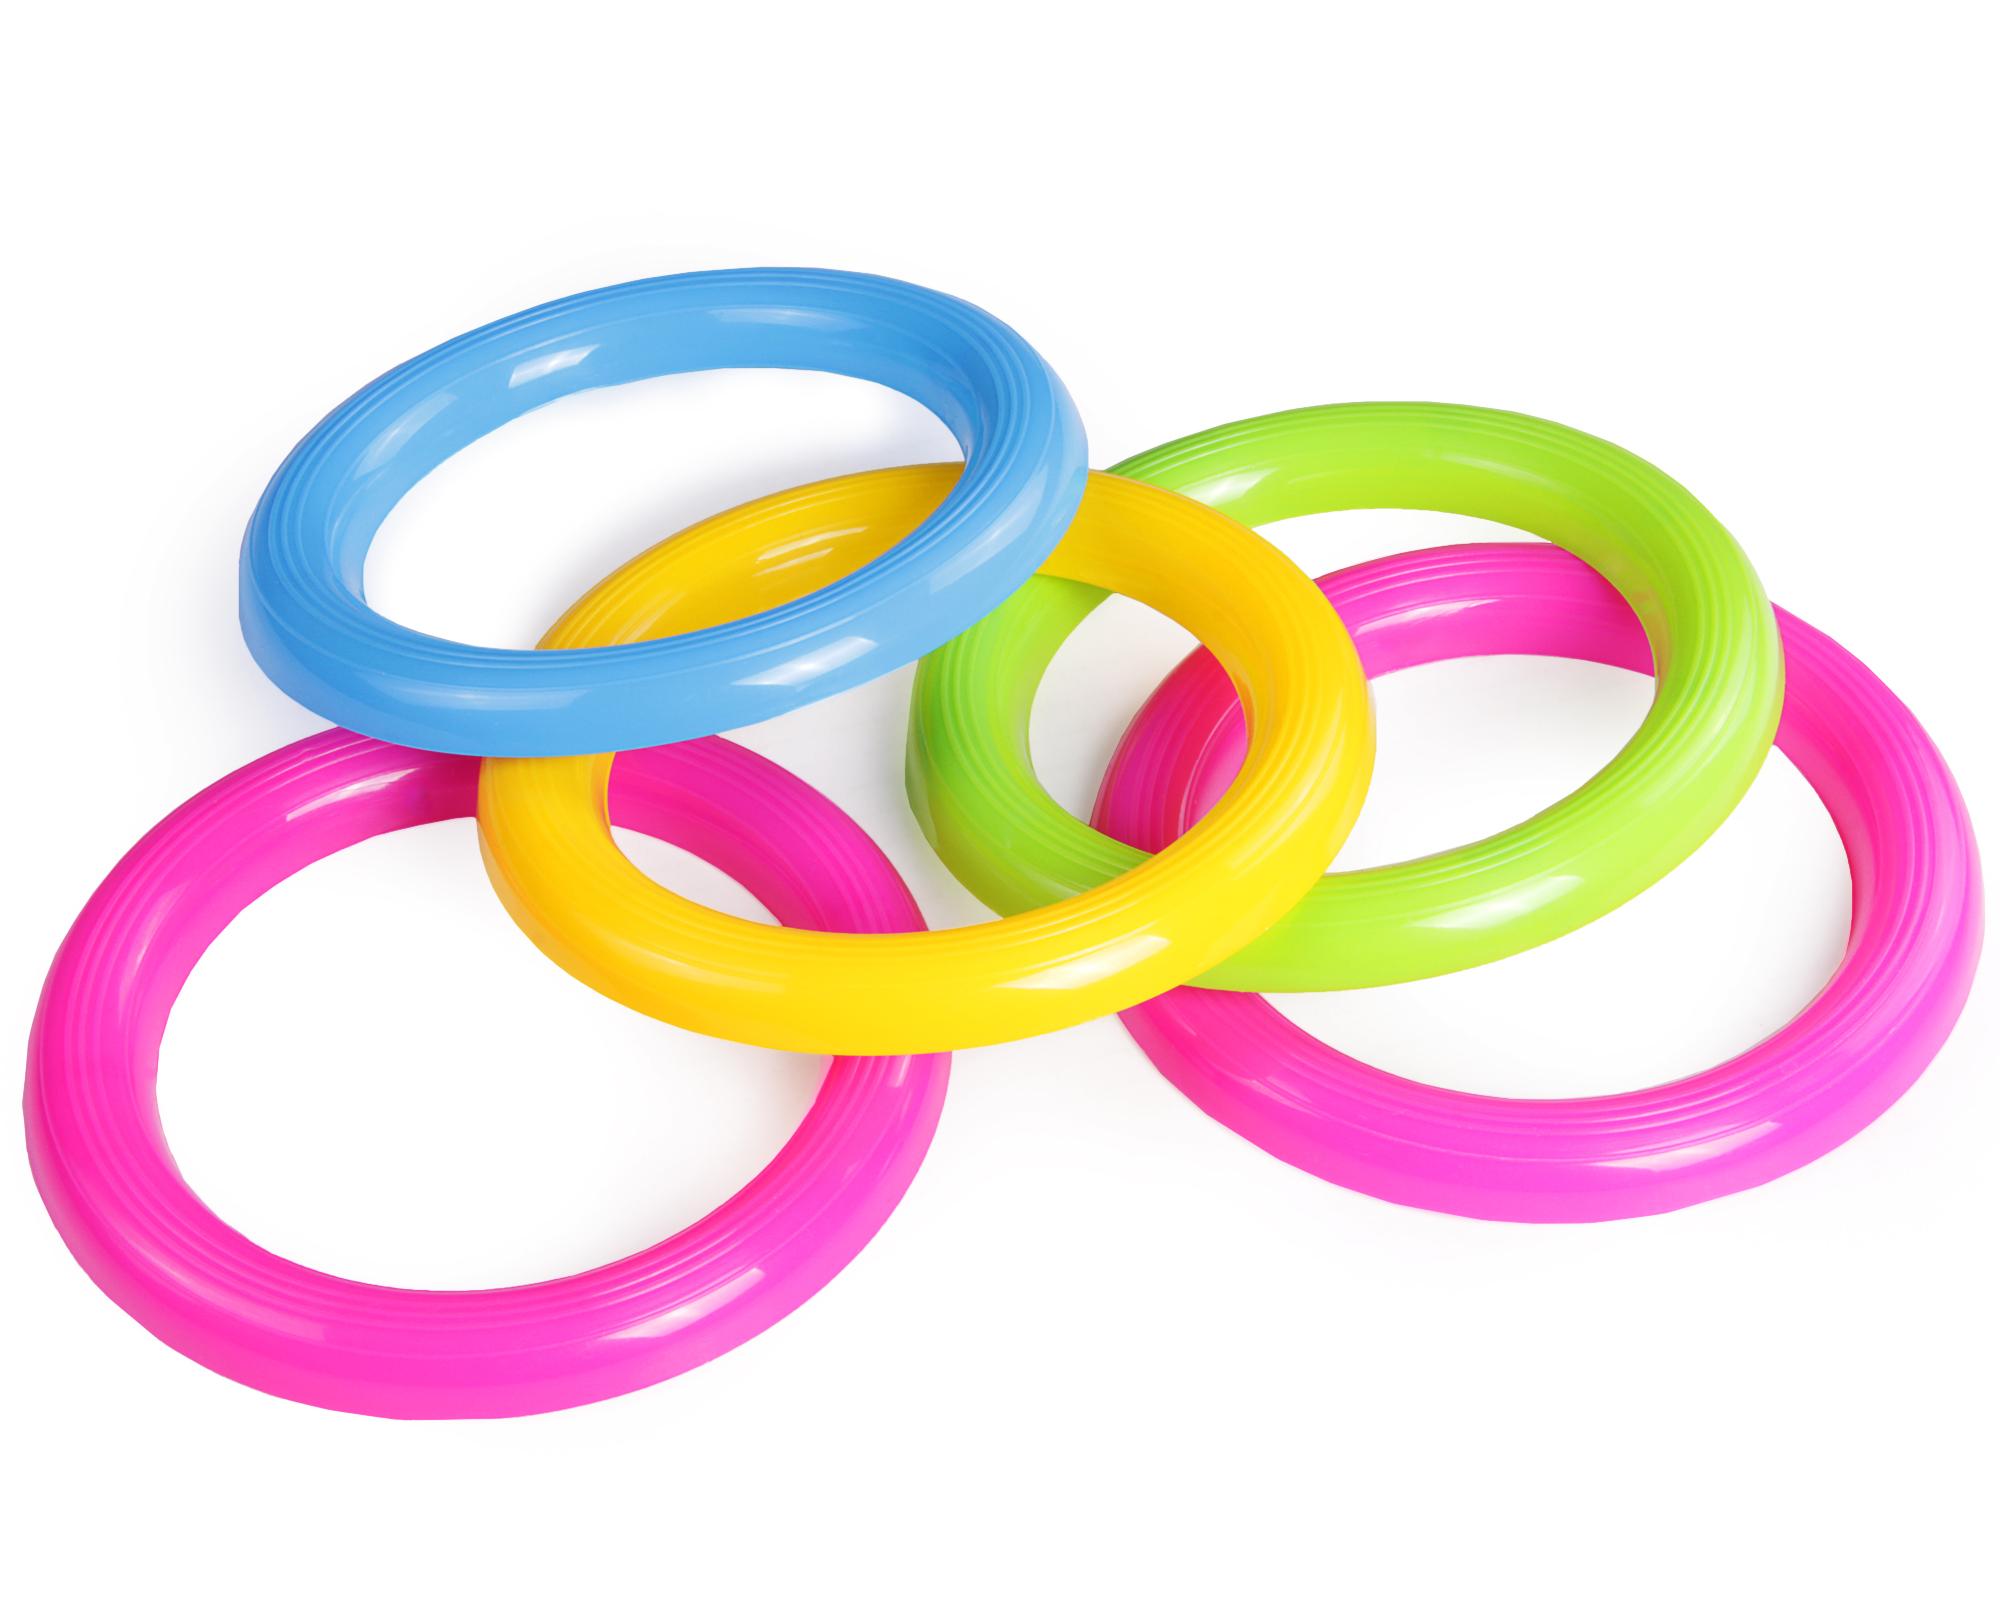 ondis24 ringe werfen wurfspiel mit ringen g nstig online kaufen. Black Bedroom Furniture Sets. Home Design Ideas